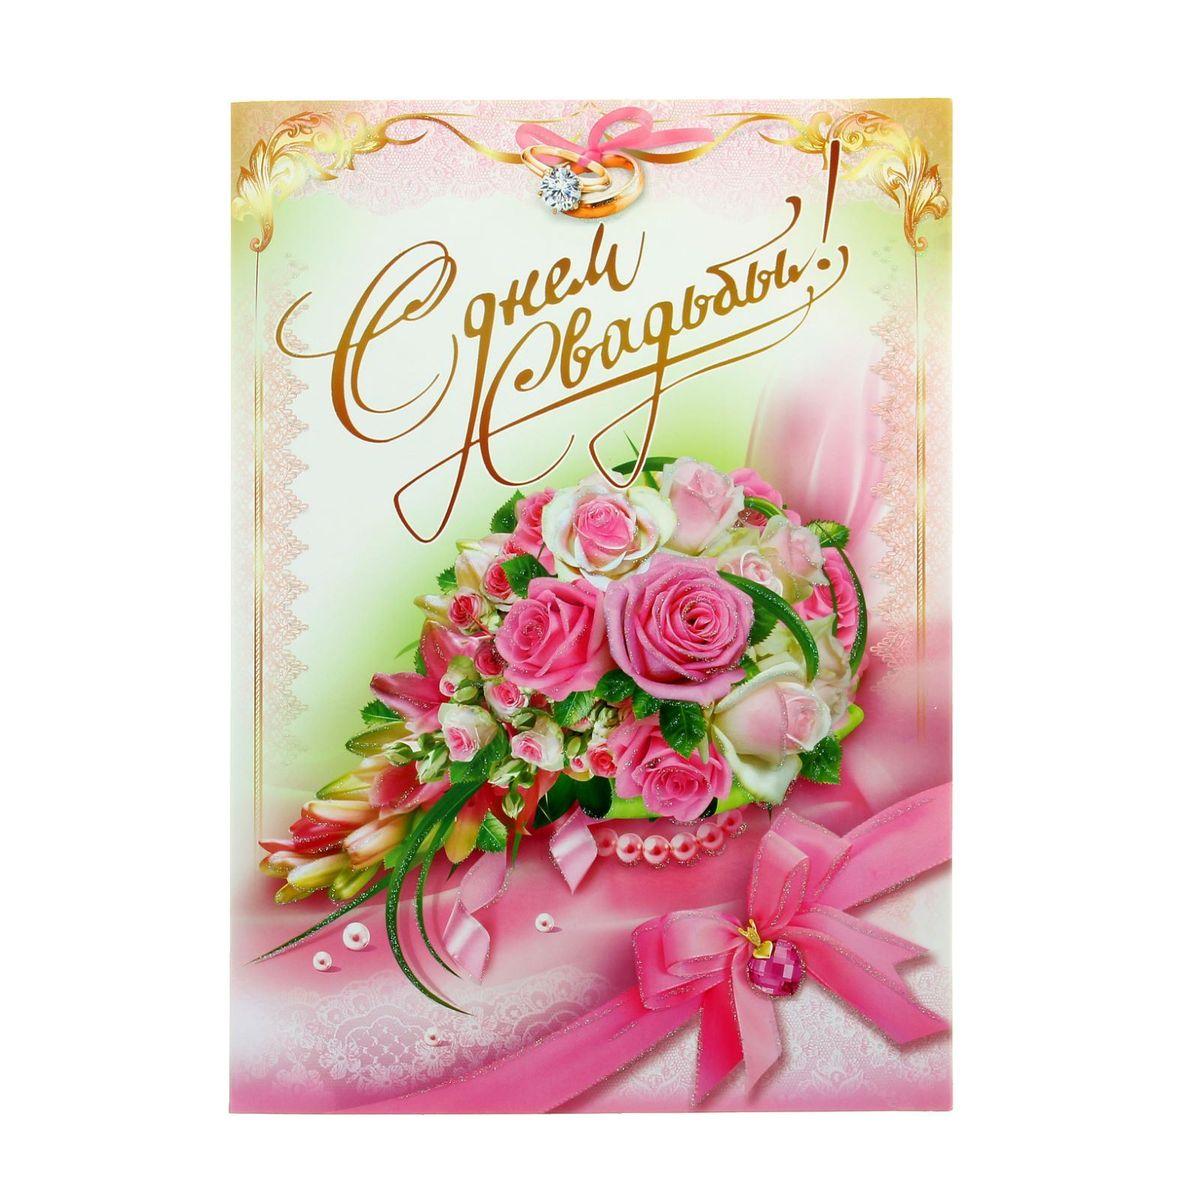 Открытка Эдельвейс С днем свадьбы!. 11665241166524Если вы хотите порадовать себя или близких, создать праздничное настроение и с улыбкой провести памятный день, то вы, несомненно, сделали правильный выбор! Открытка Эдельвейс С днем свадьбы!, выполненная из плотной бумаги, отличается не только оригинальным дизайном, но и высоким качеством.